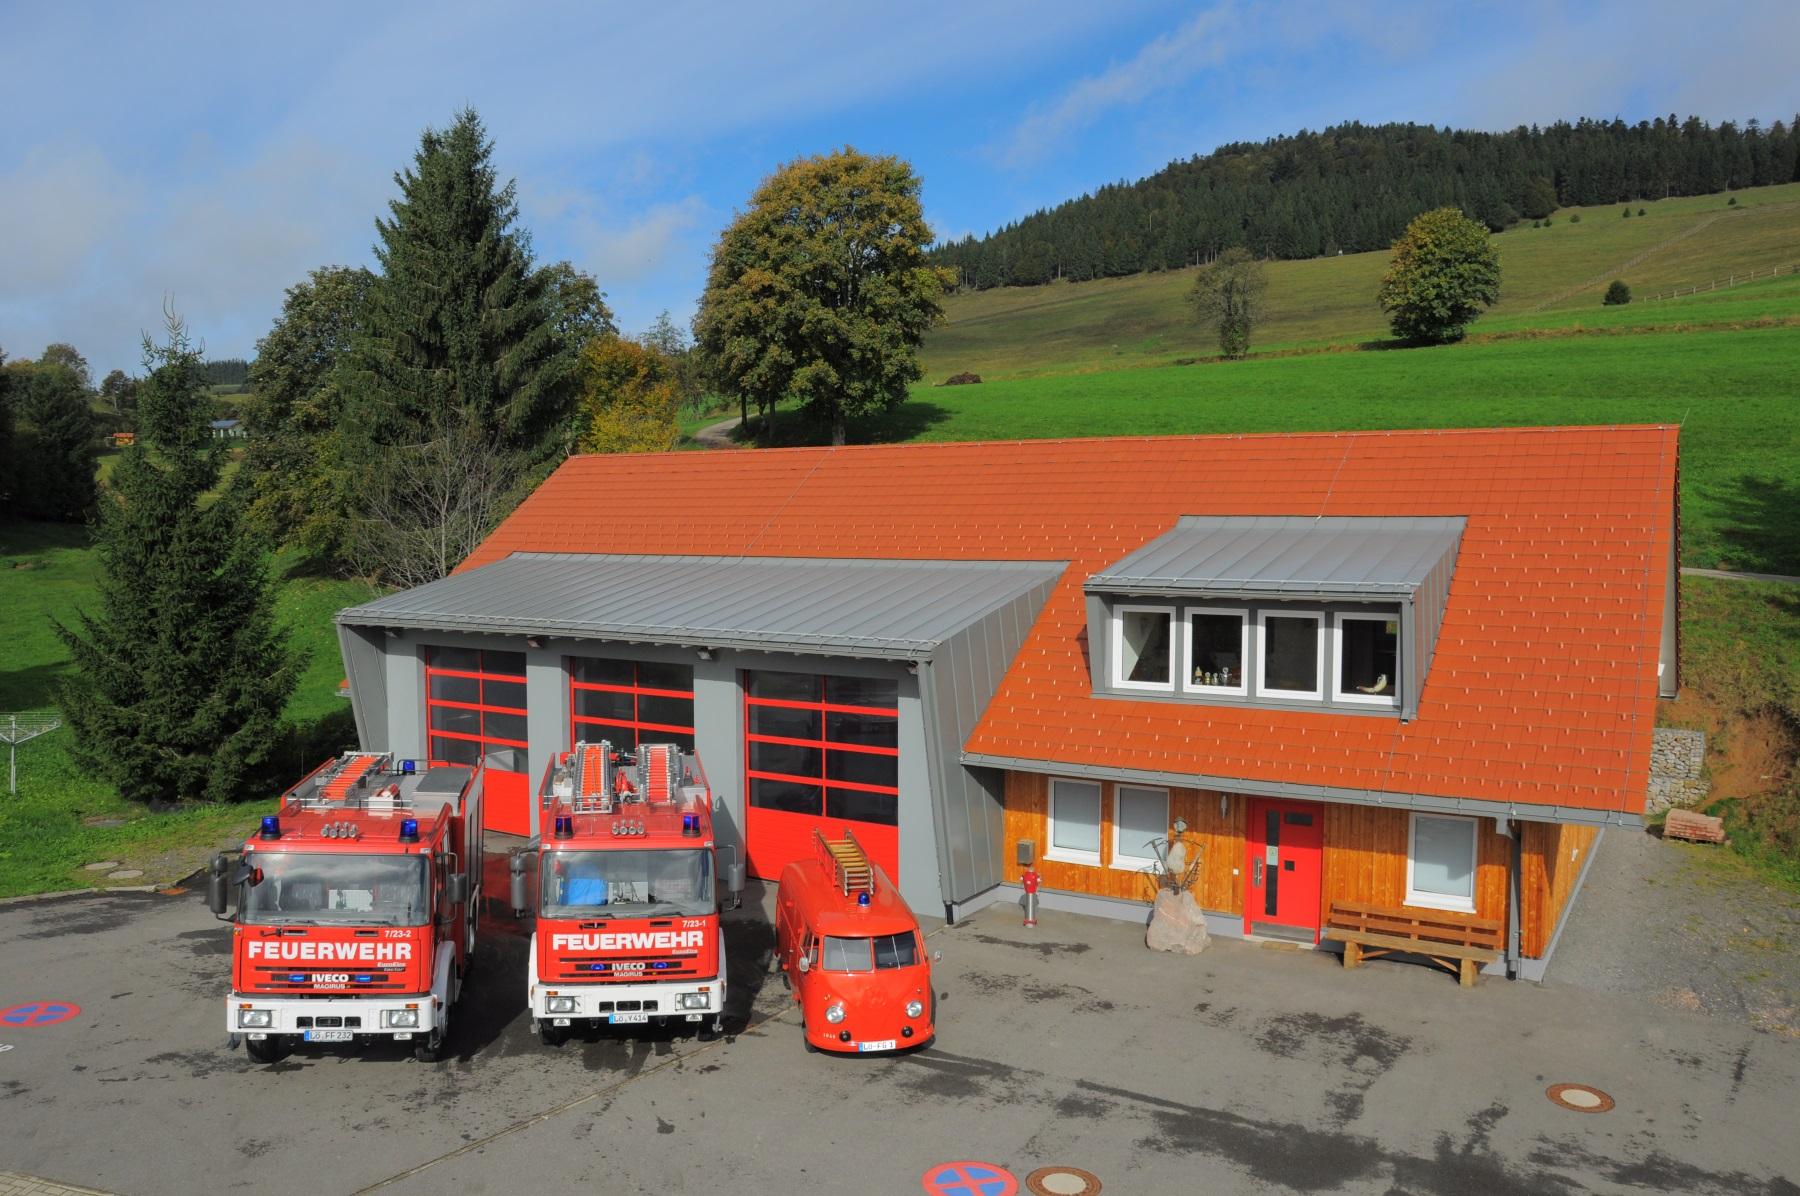 Die Fahrzeuge und das Feuerwehrhaus